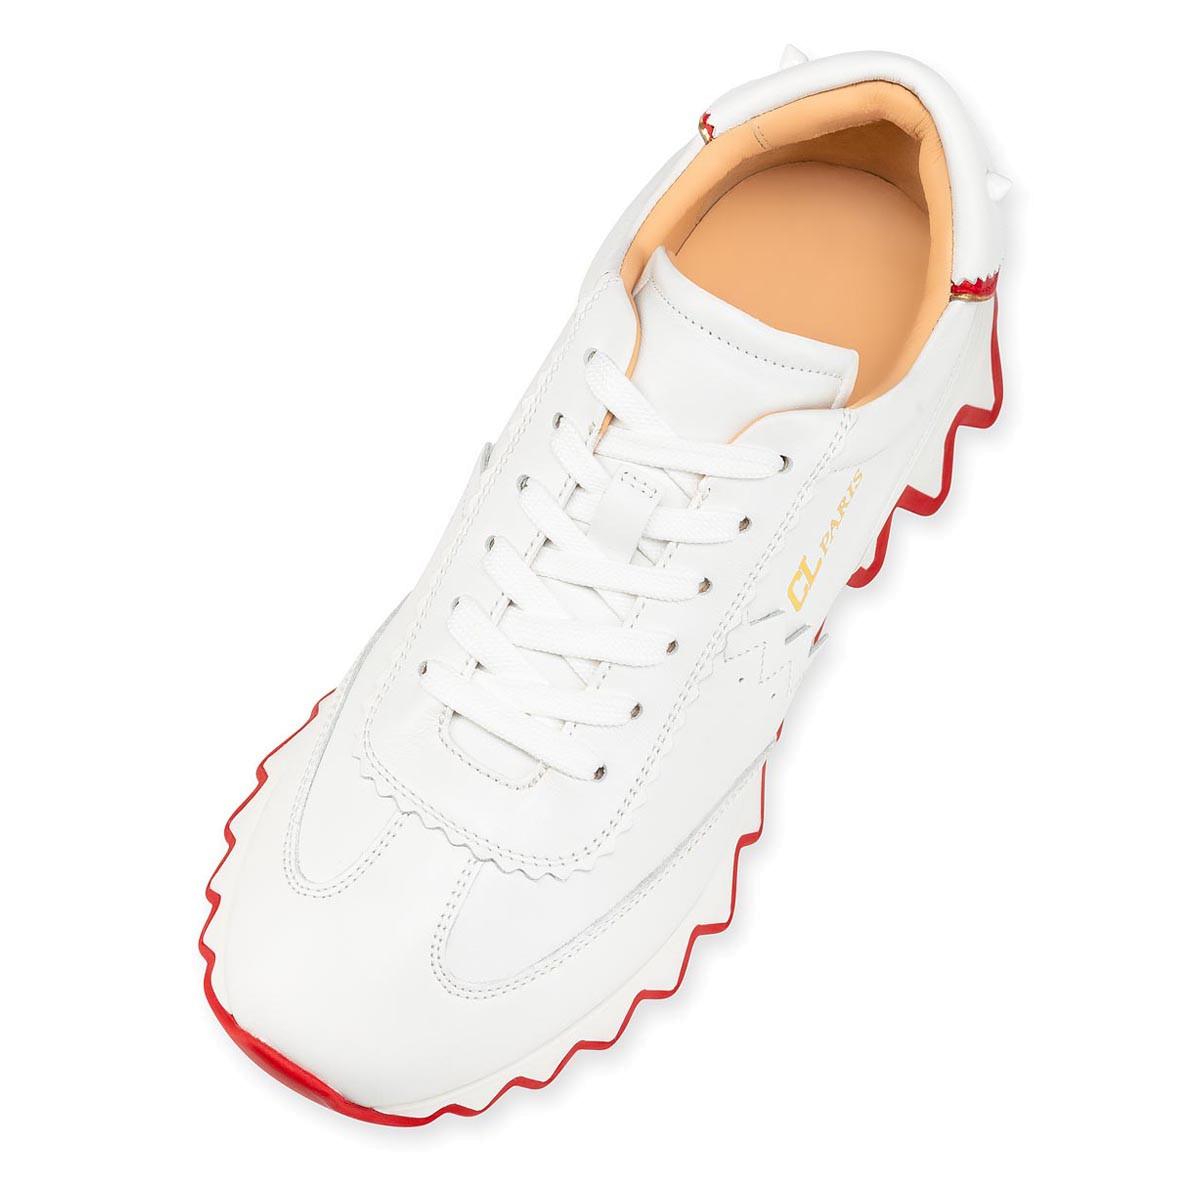 Shoes - Loubishark Woman Flat - Christian Louboutin